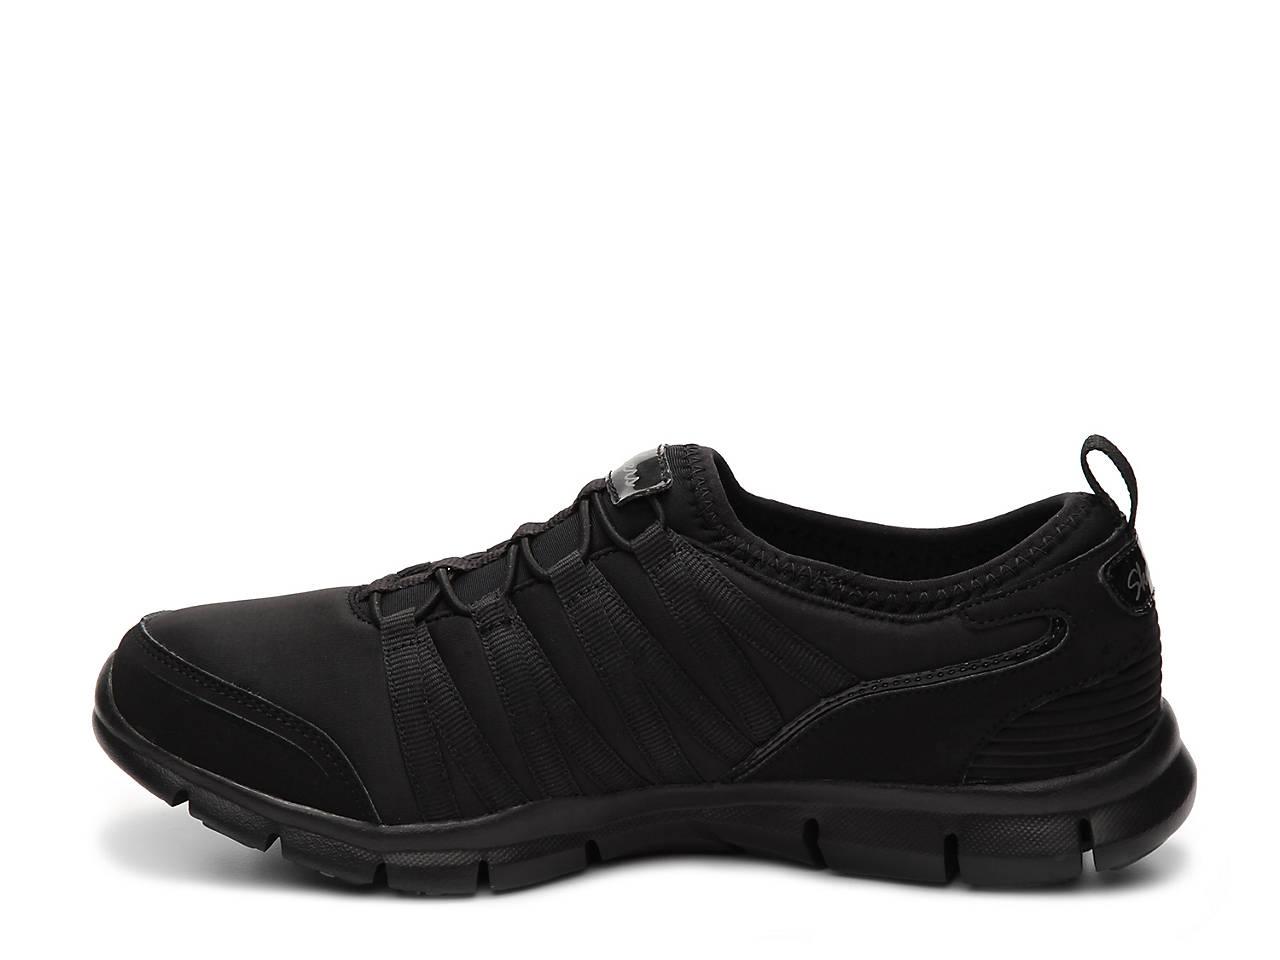 8a0fa8df947d Skechers Gratis Shake It Off Slip-On Sneaker - Women s Women s Shoes ...